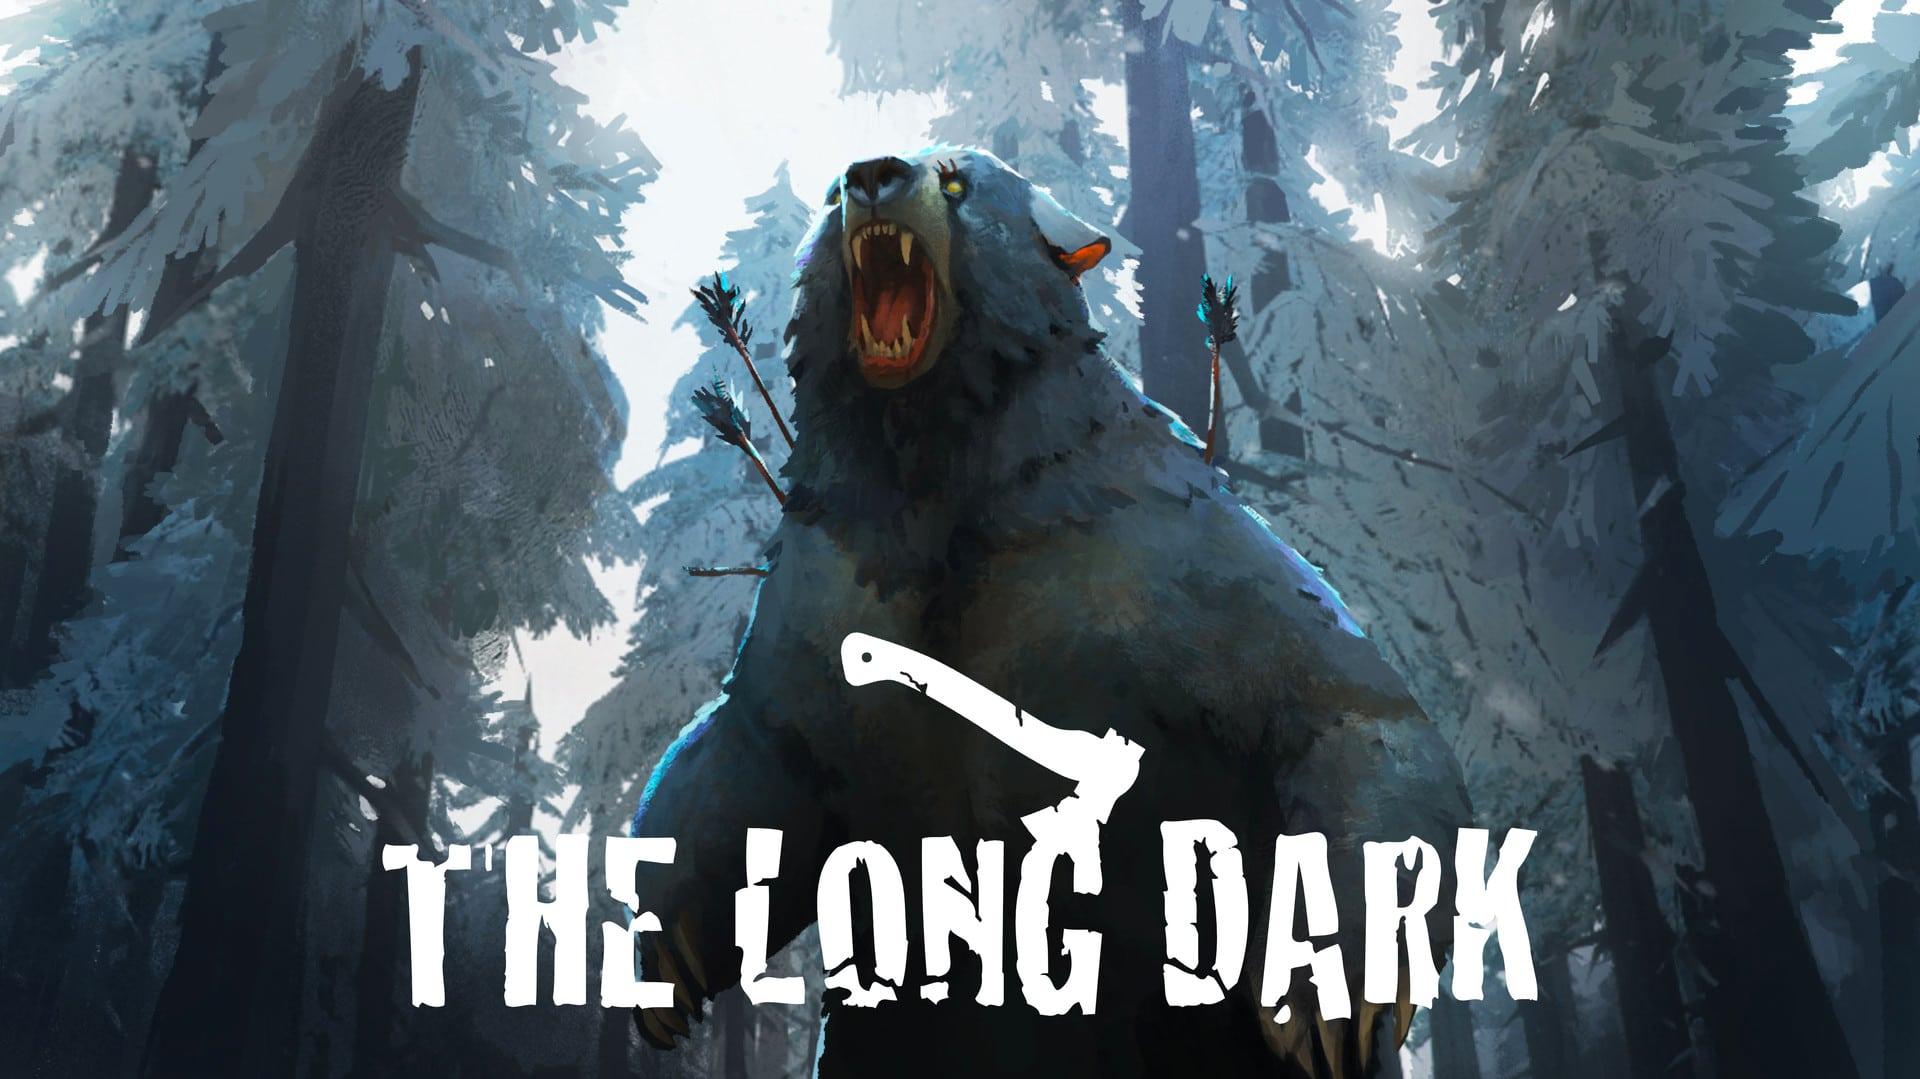 Requisitos para instalar The long dark